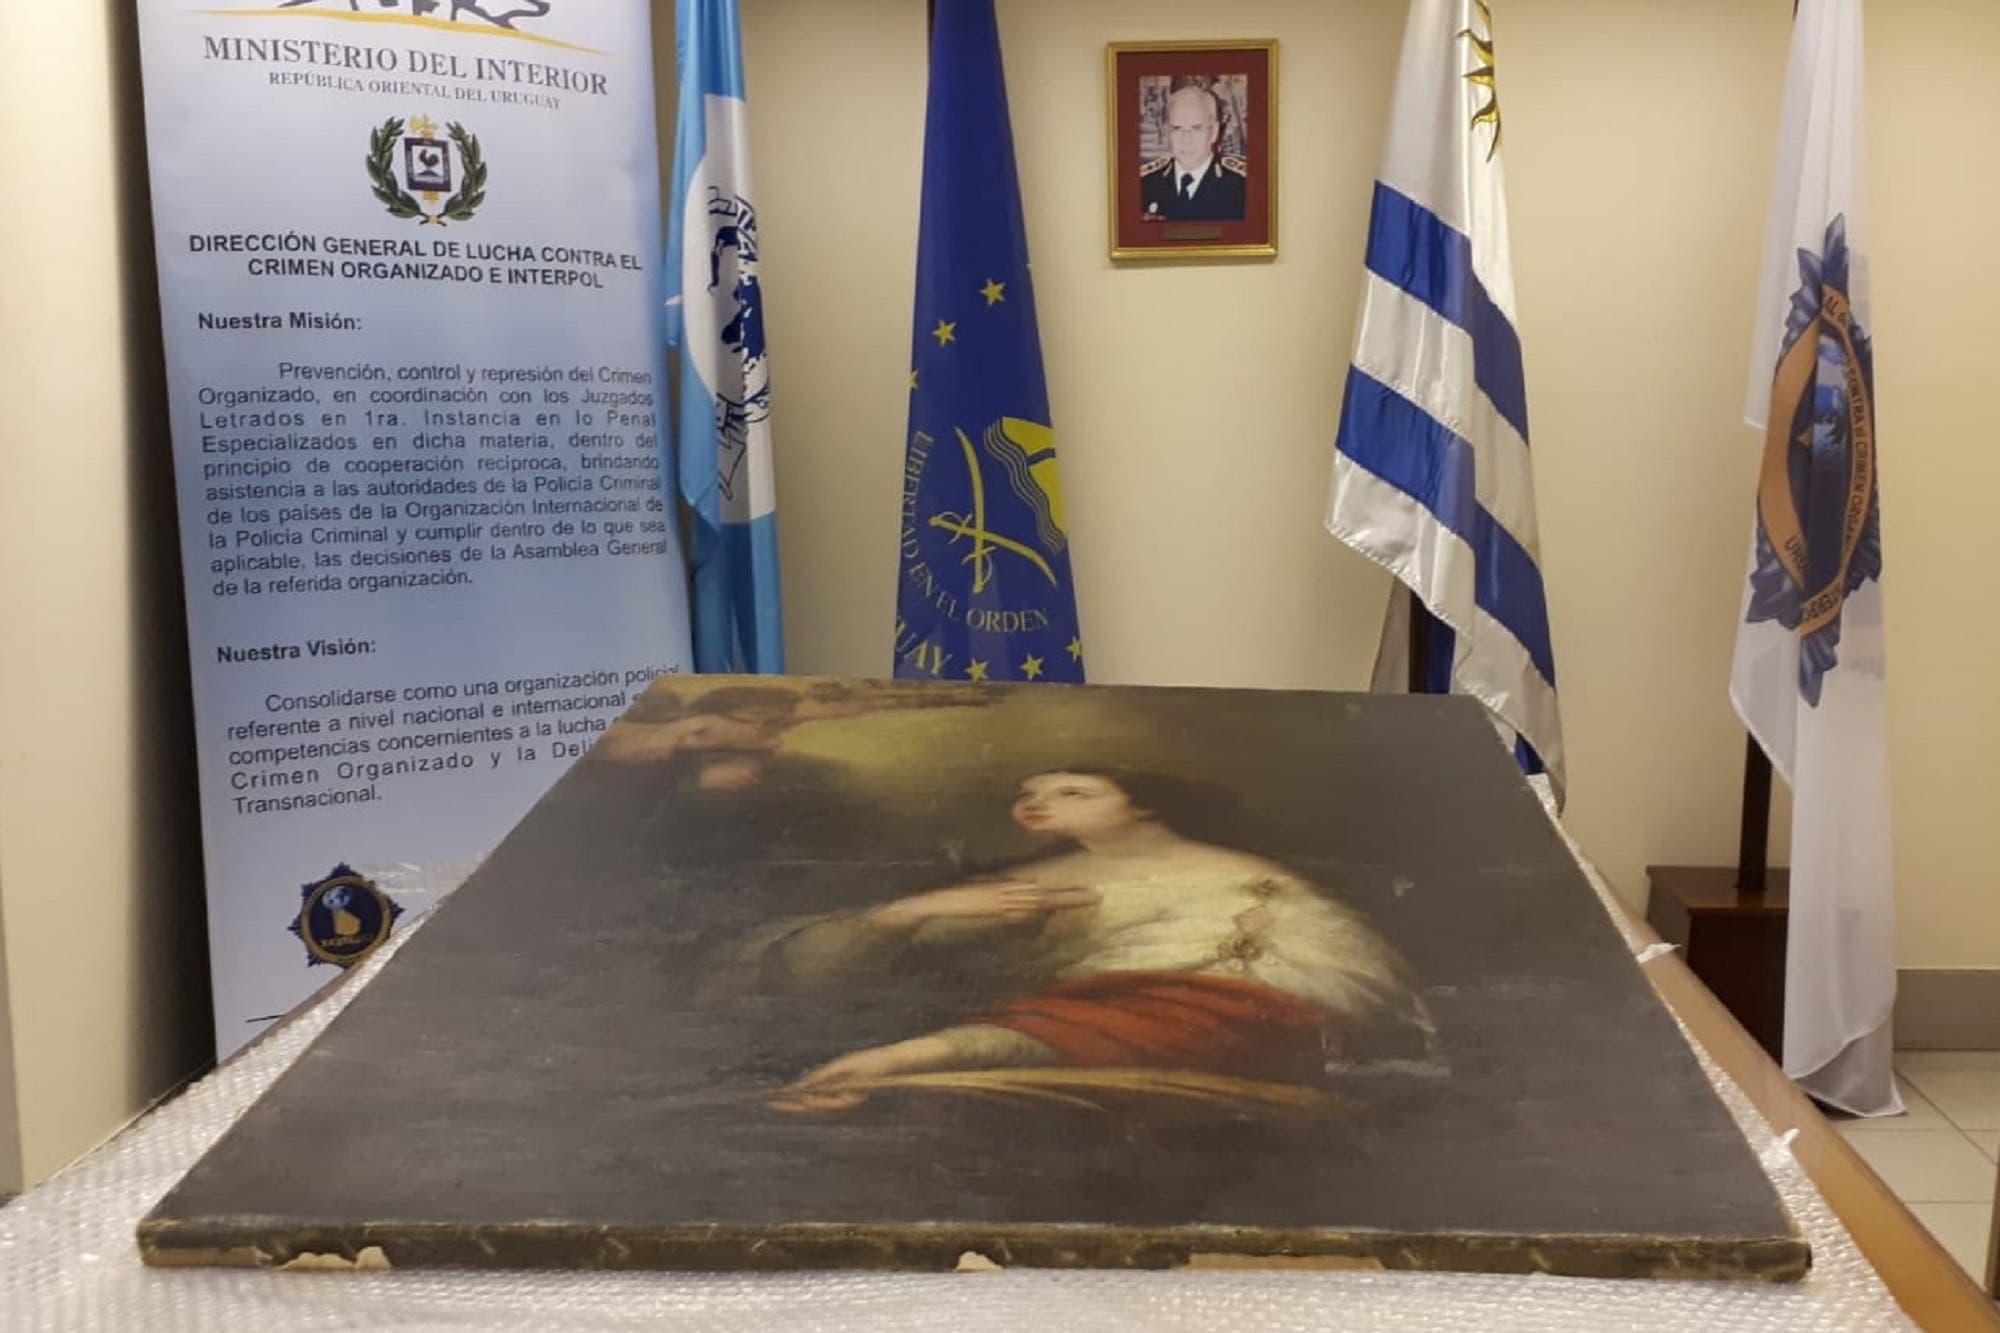 Recuperan en Uruguay un cuadro de Murillo robado hace 35 años de un museo de Rosario